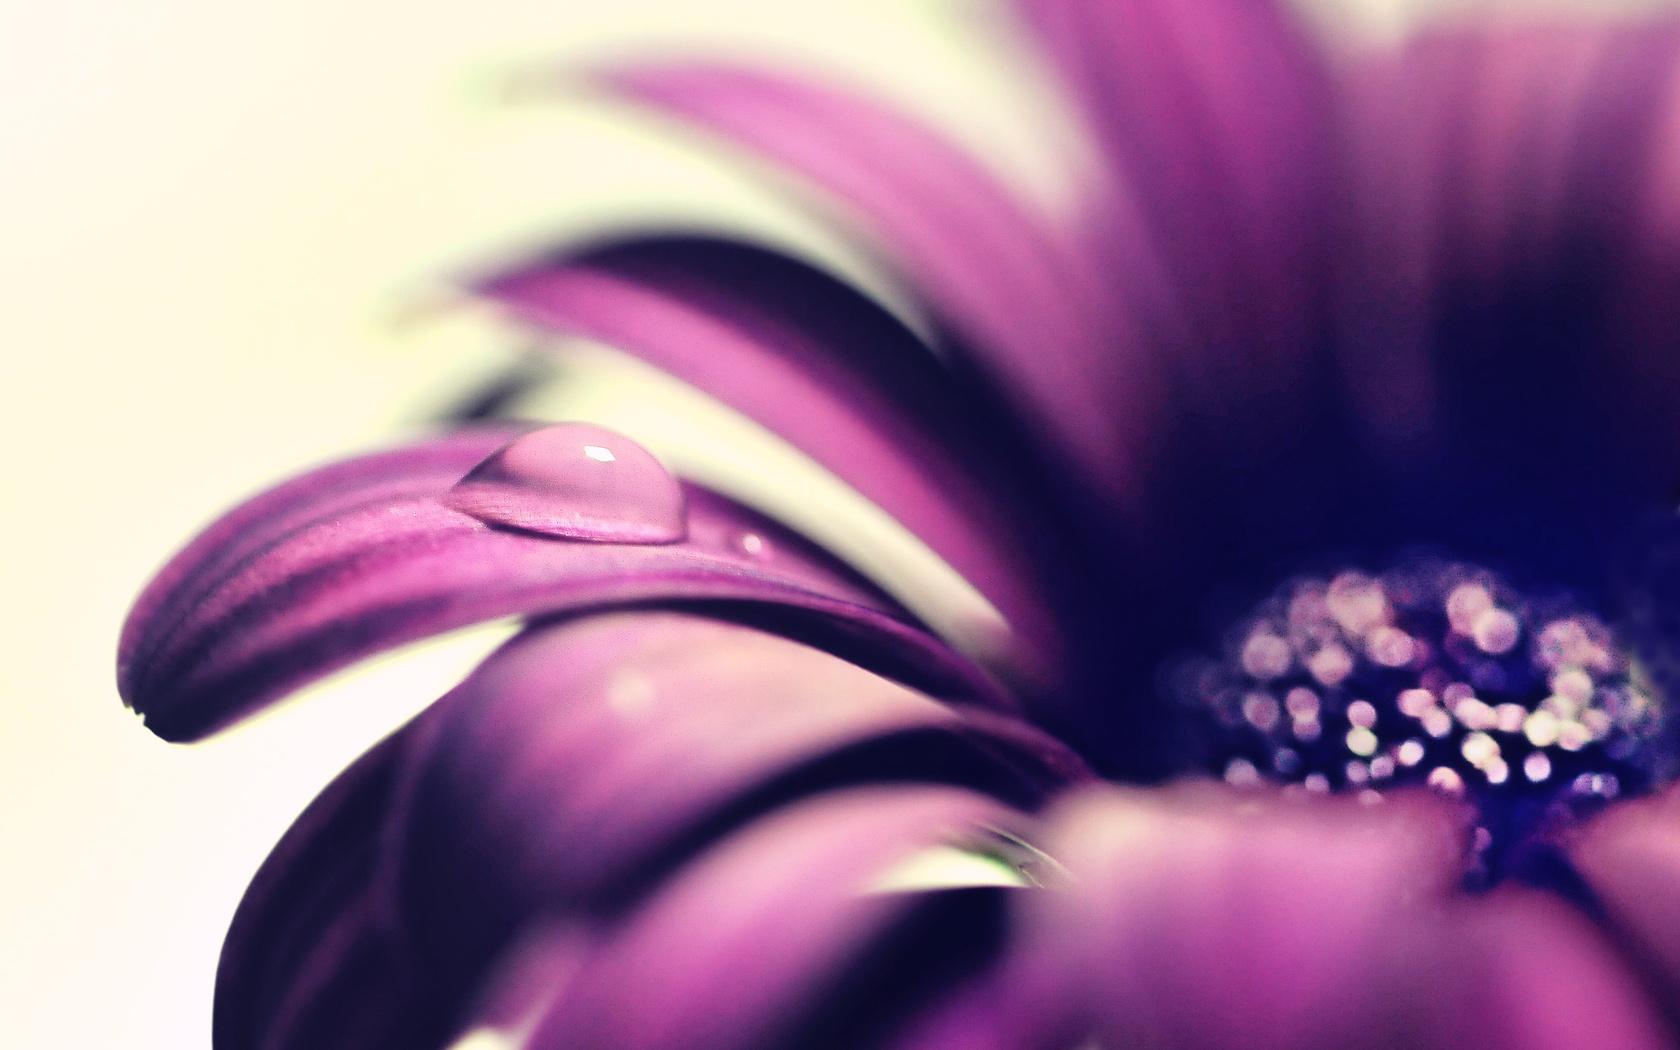 цветочек, капля, вода, роса, цветок, цветы, Макро, макро